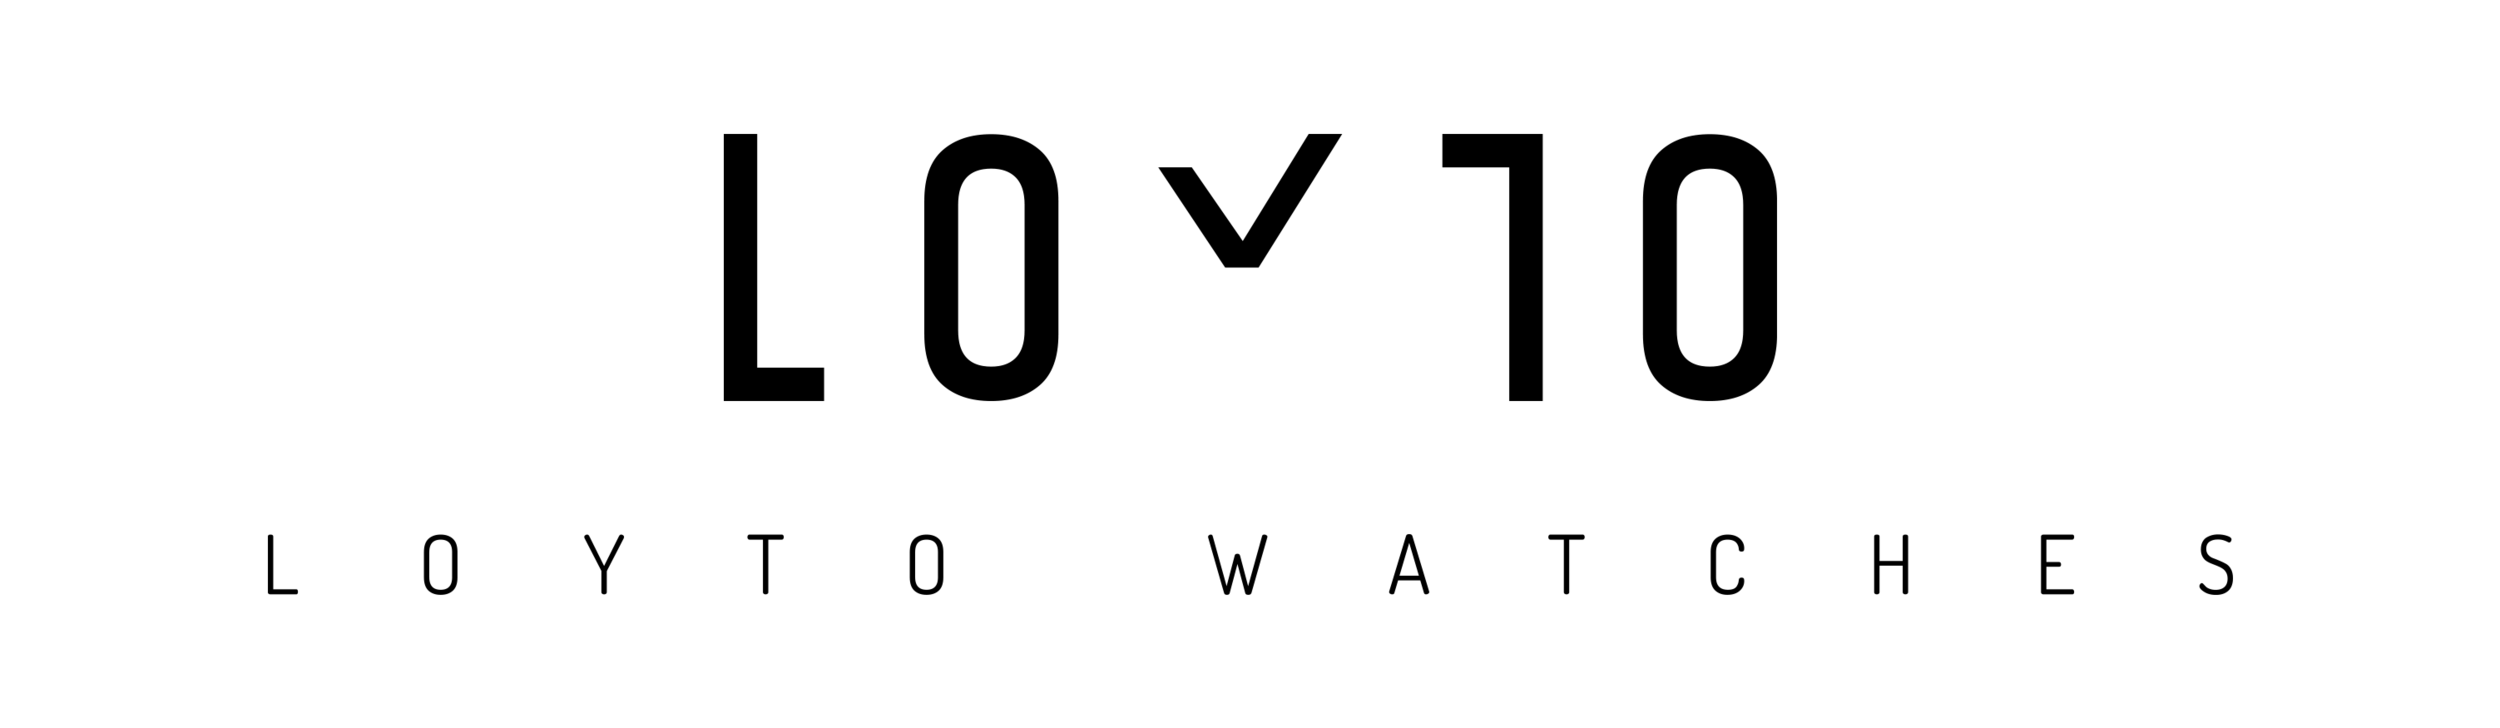 Logotipo_LOYTO_Centrado_IsotipoGrande.png